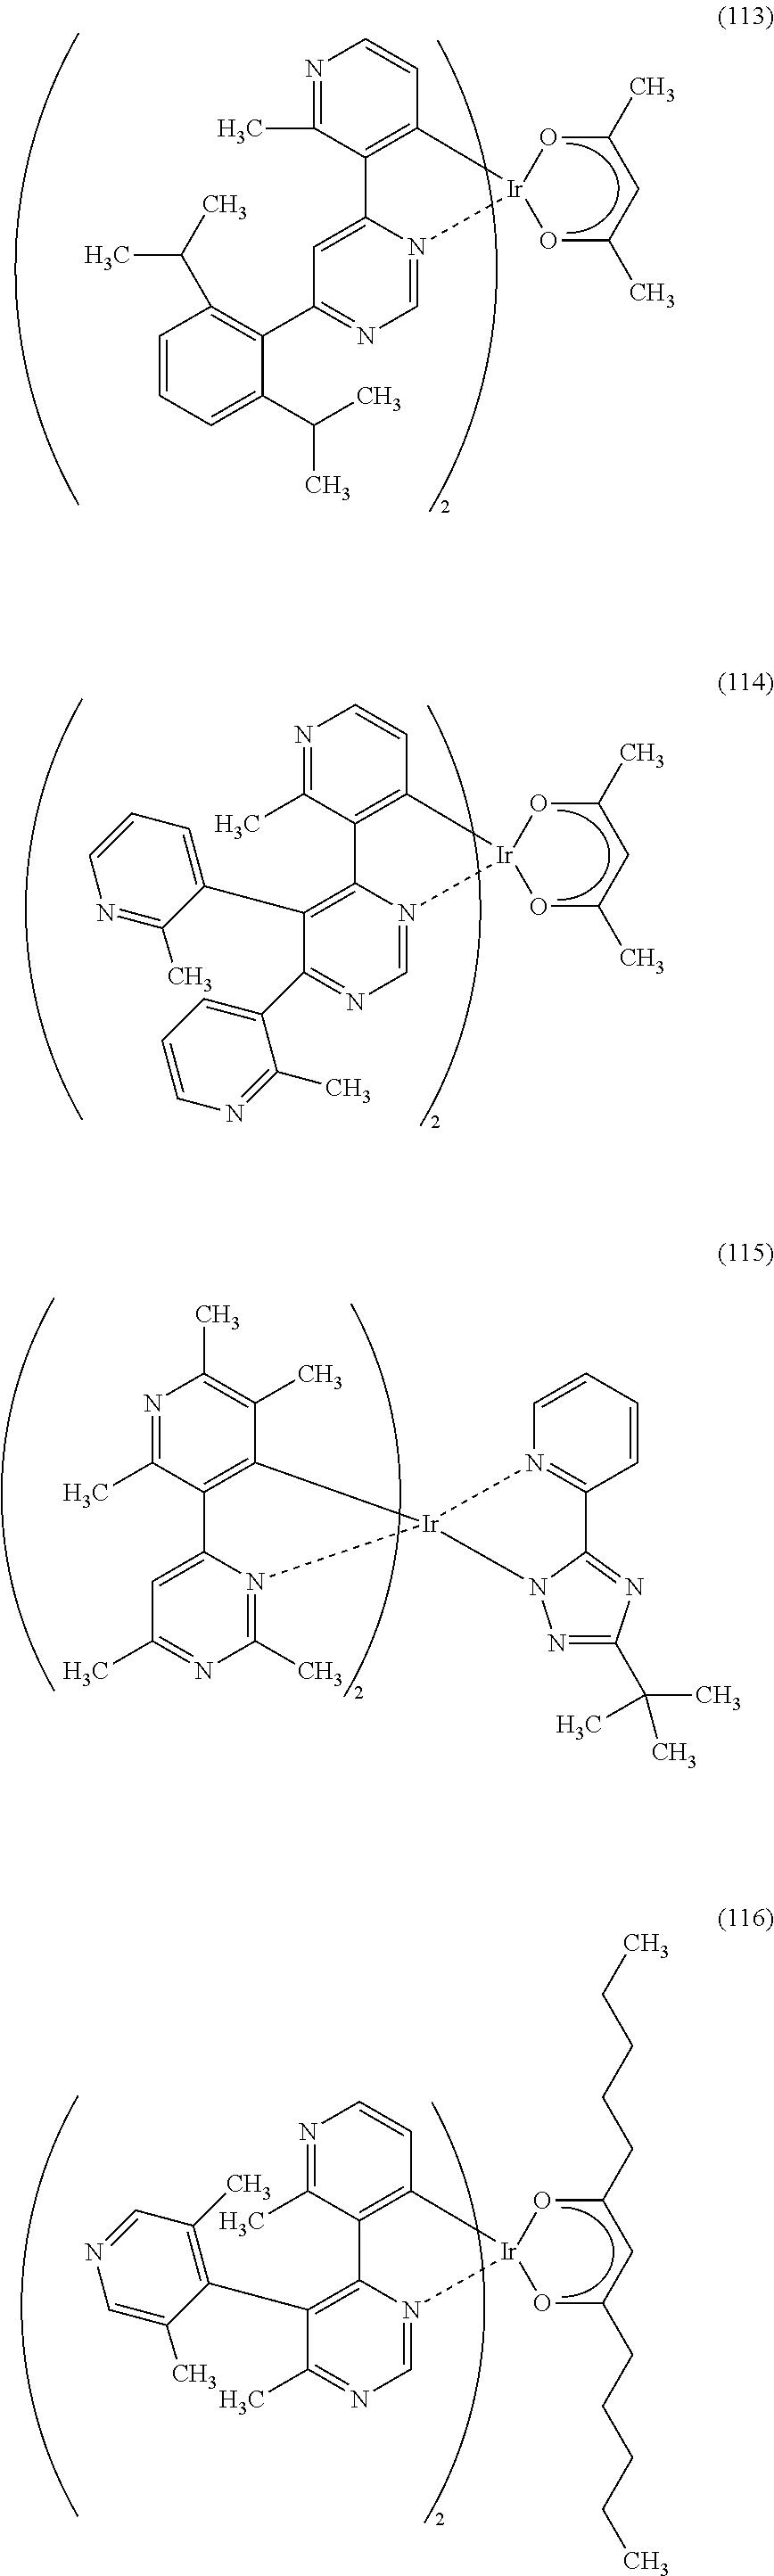 Figure US08889858-20141118-C00019